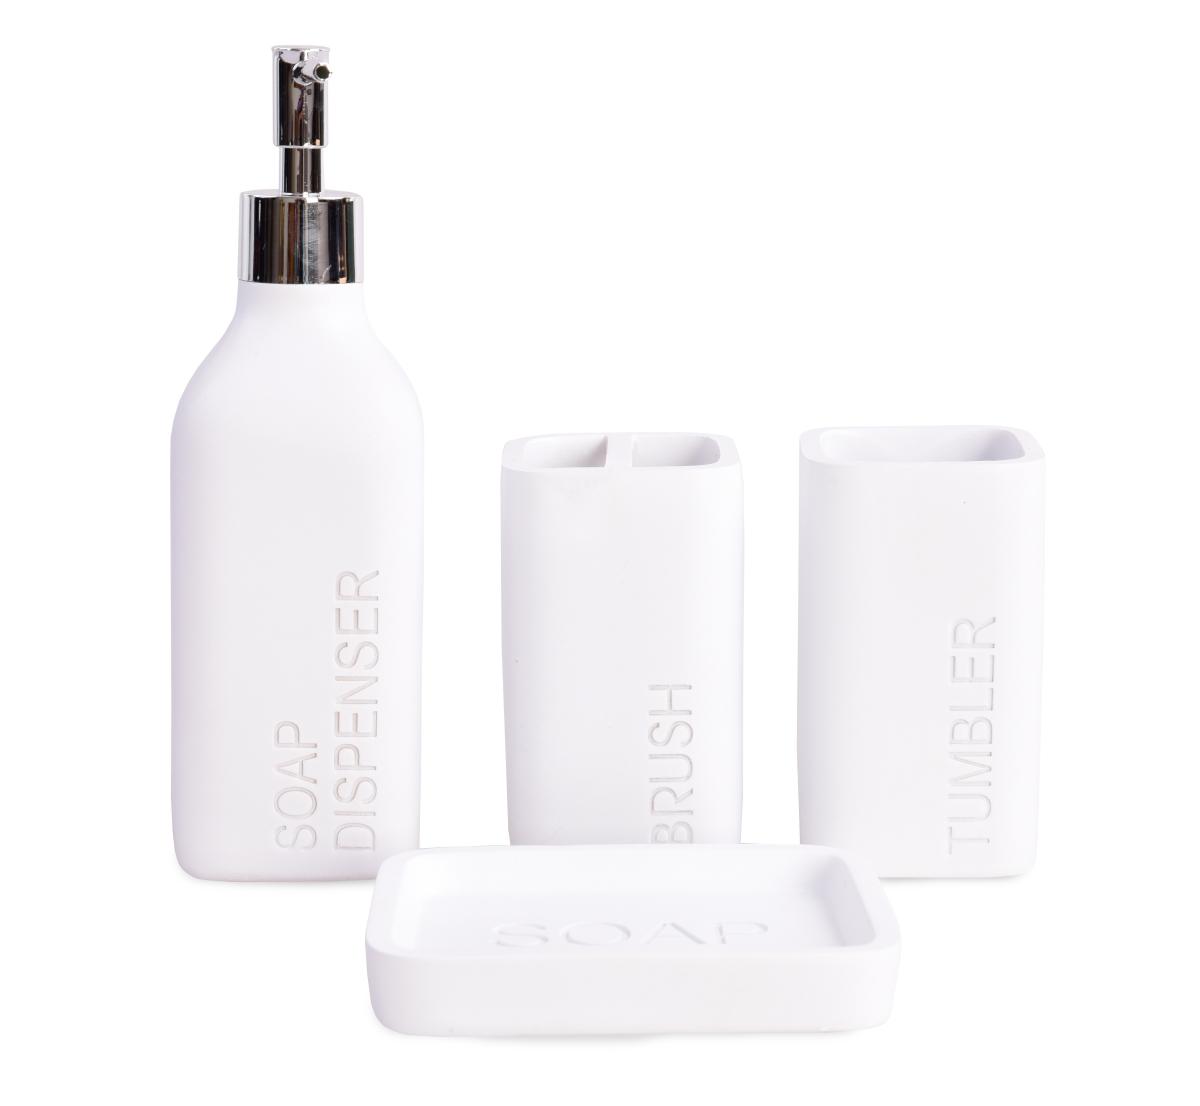 SOAP DISPENSER koupelna 4 dílná souprava matná bílá